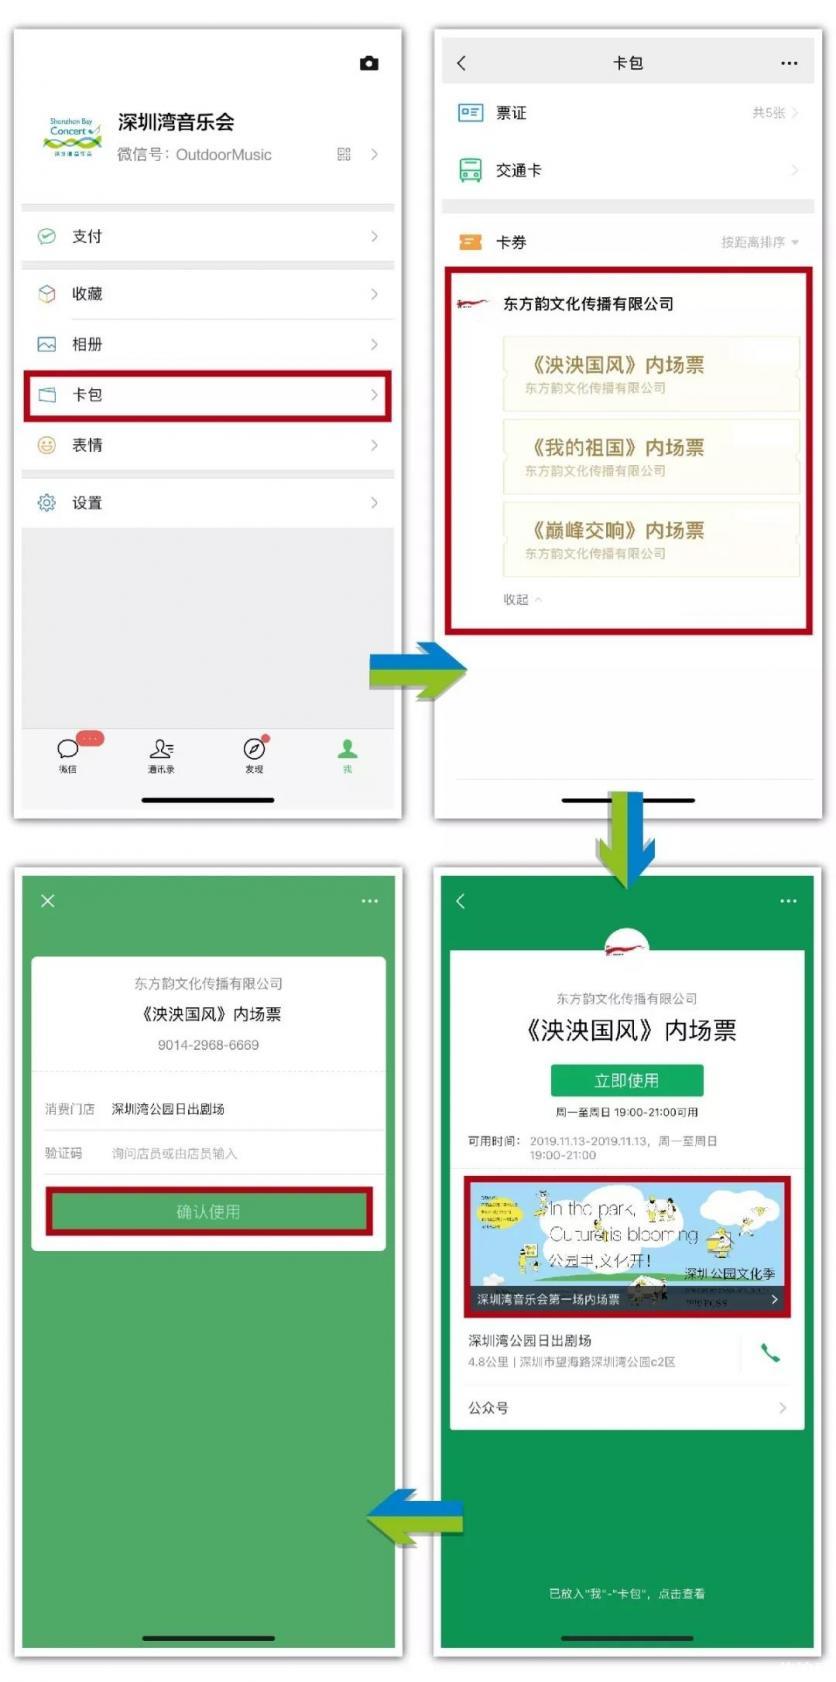 2019深圳湾音乐会出行准备+检票流程+节目单+交通指南